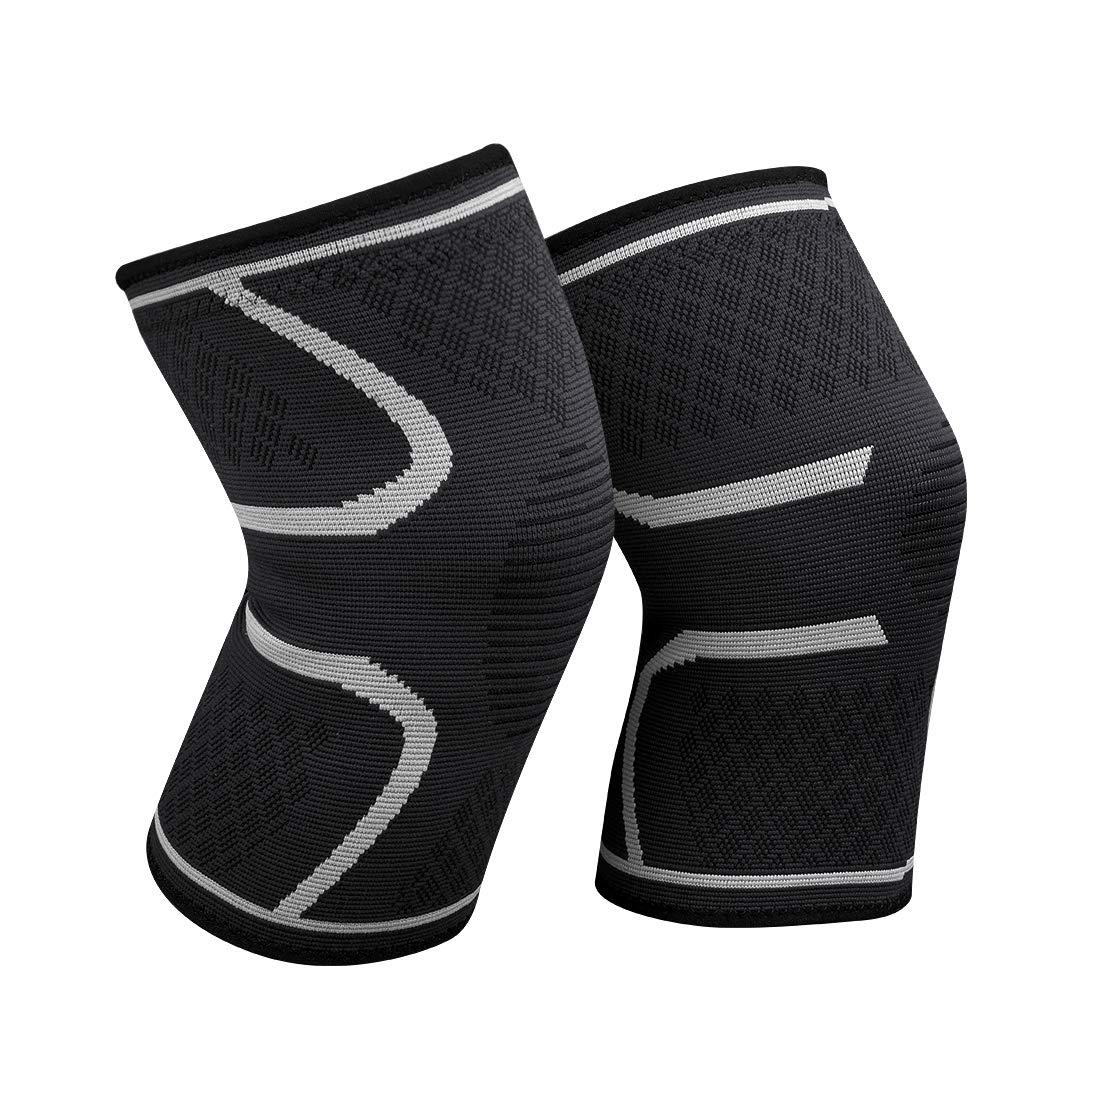 WATERFLY Knieschoner, Anti-Rutsch-Breathable Elastic Compression Kniestütze Sport Knieschützer für Den Lauf Basketball Arthritis Schmerzlinderung Relief 2 PCS